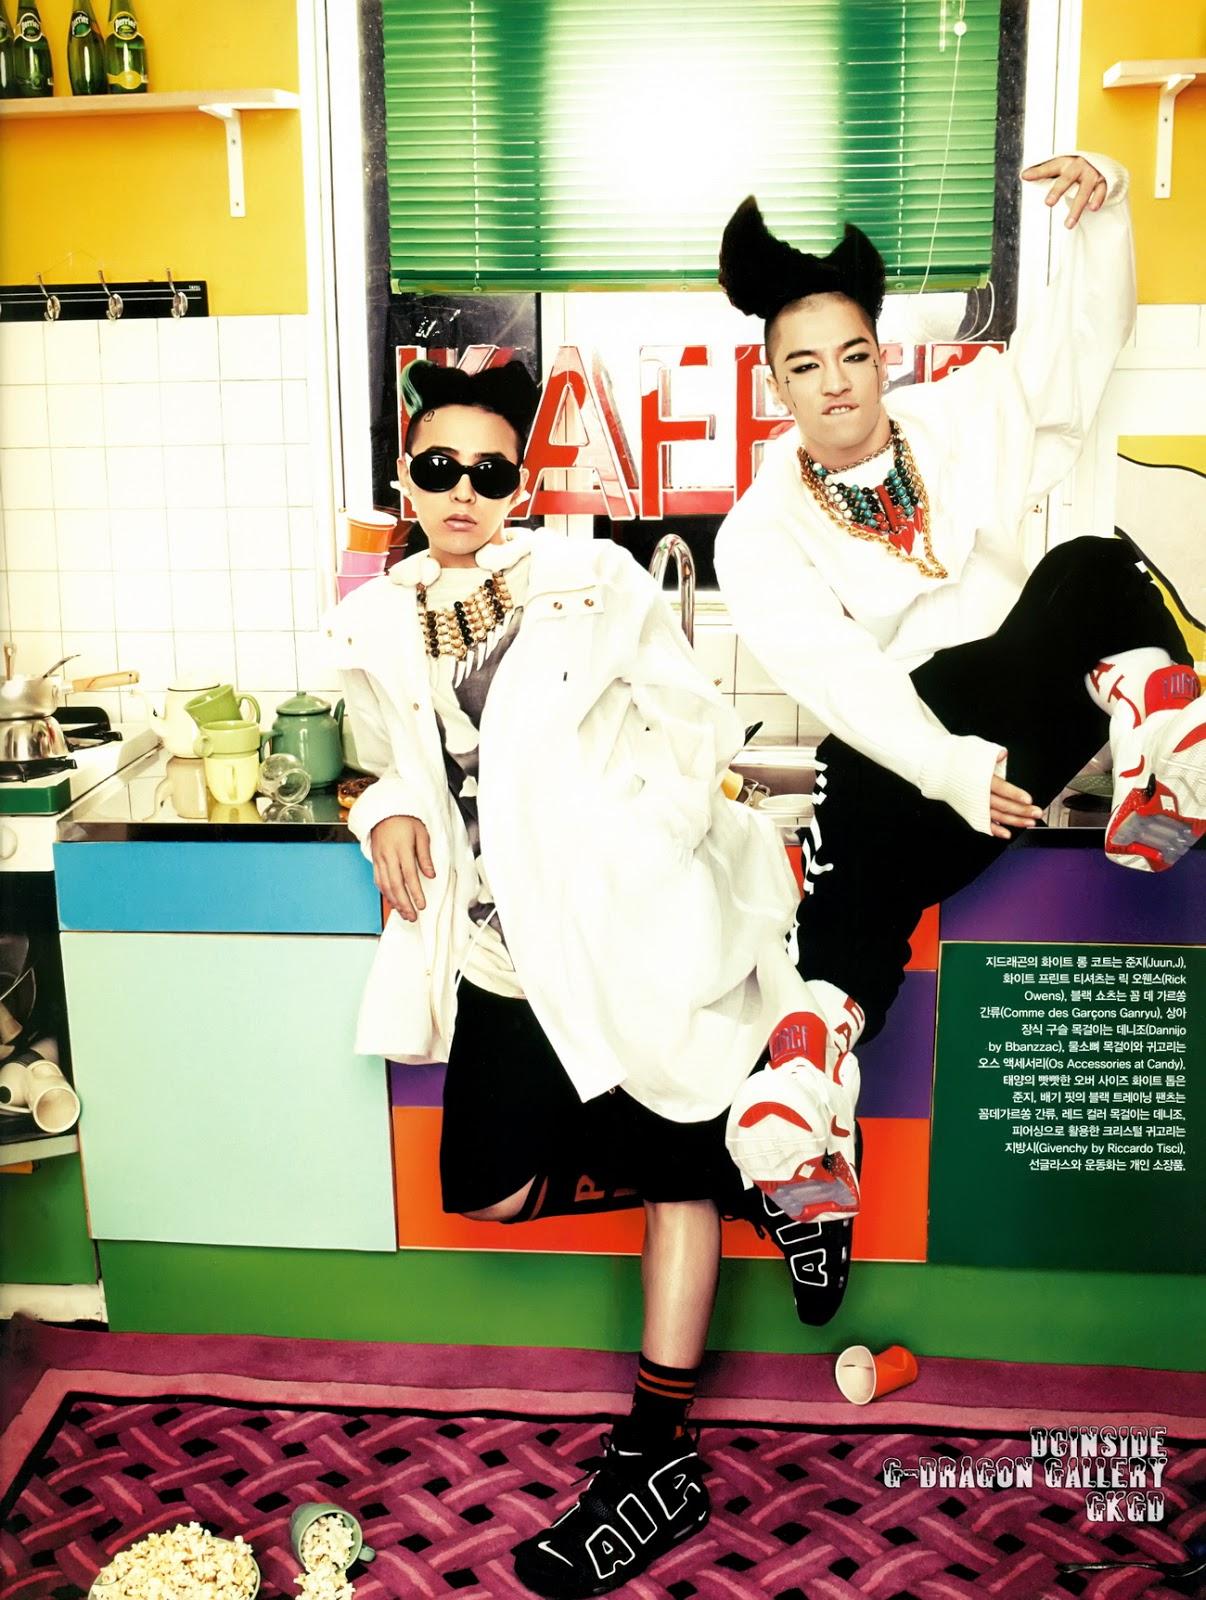 G Dragon Hairstyle 2013 Taeyang 2013 Tattoo G-...